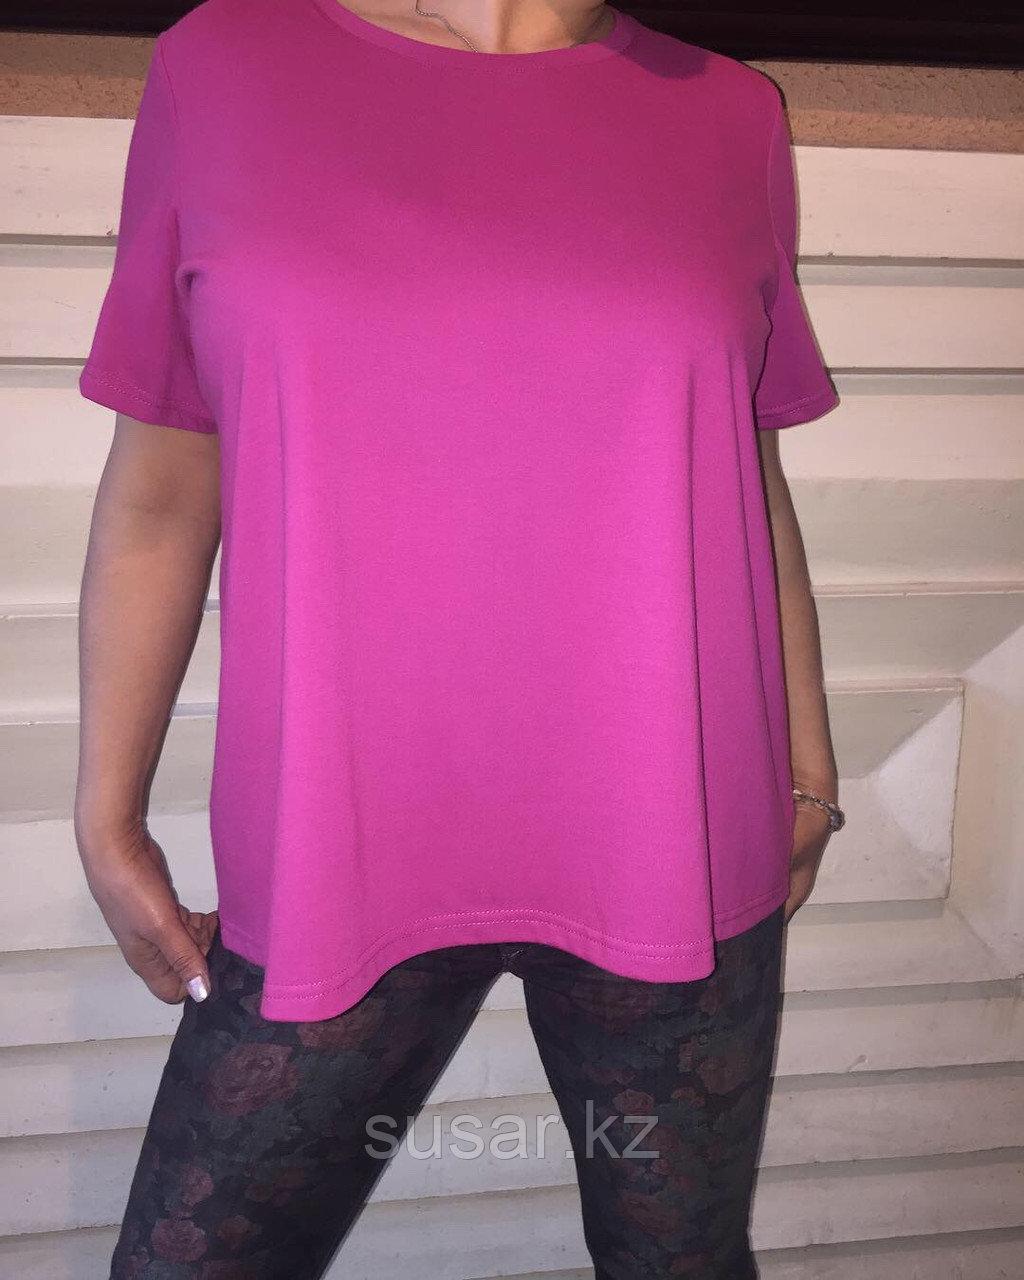 Летняя блузка Susar